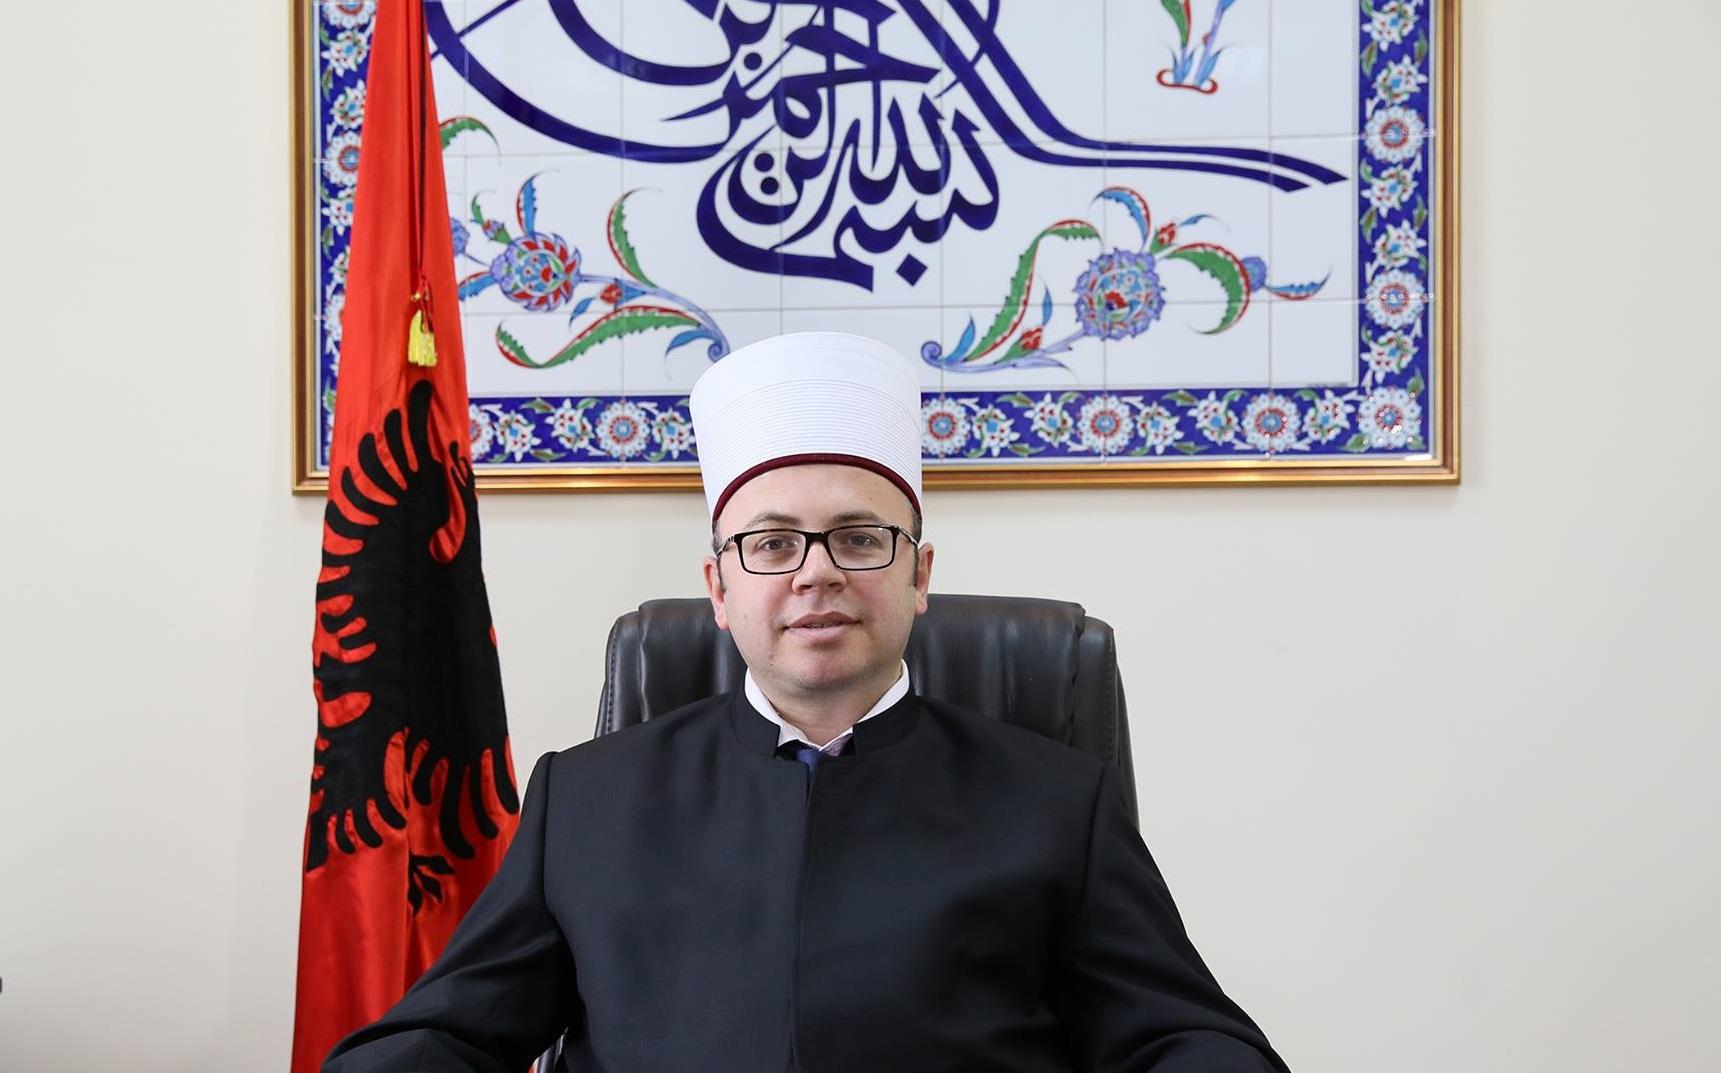 Kryetari i KMSH-së Skender Bruçaj uron ditën e mësuesit